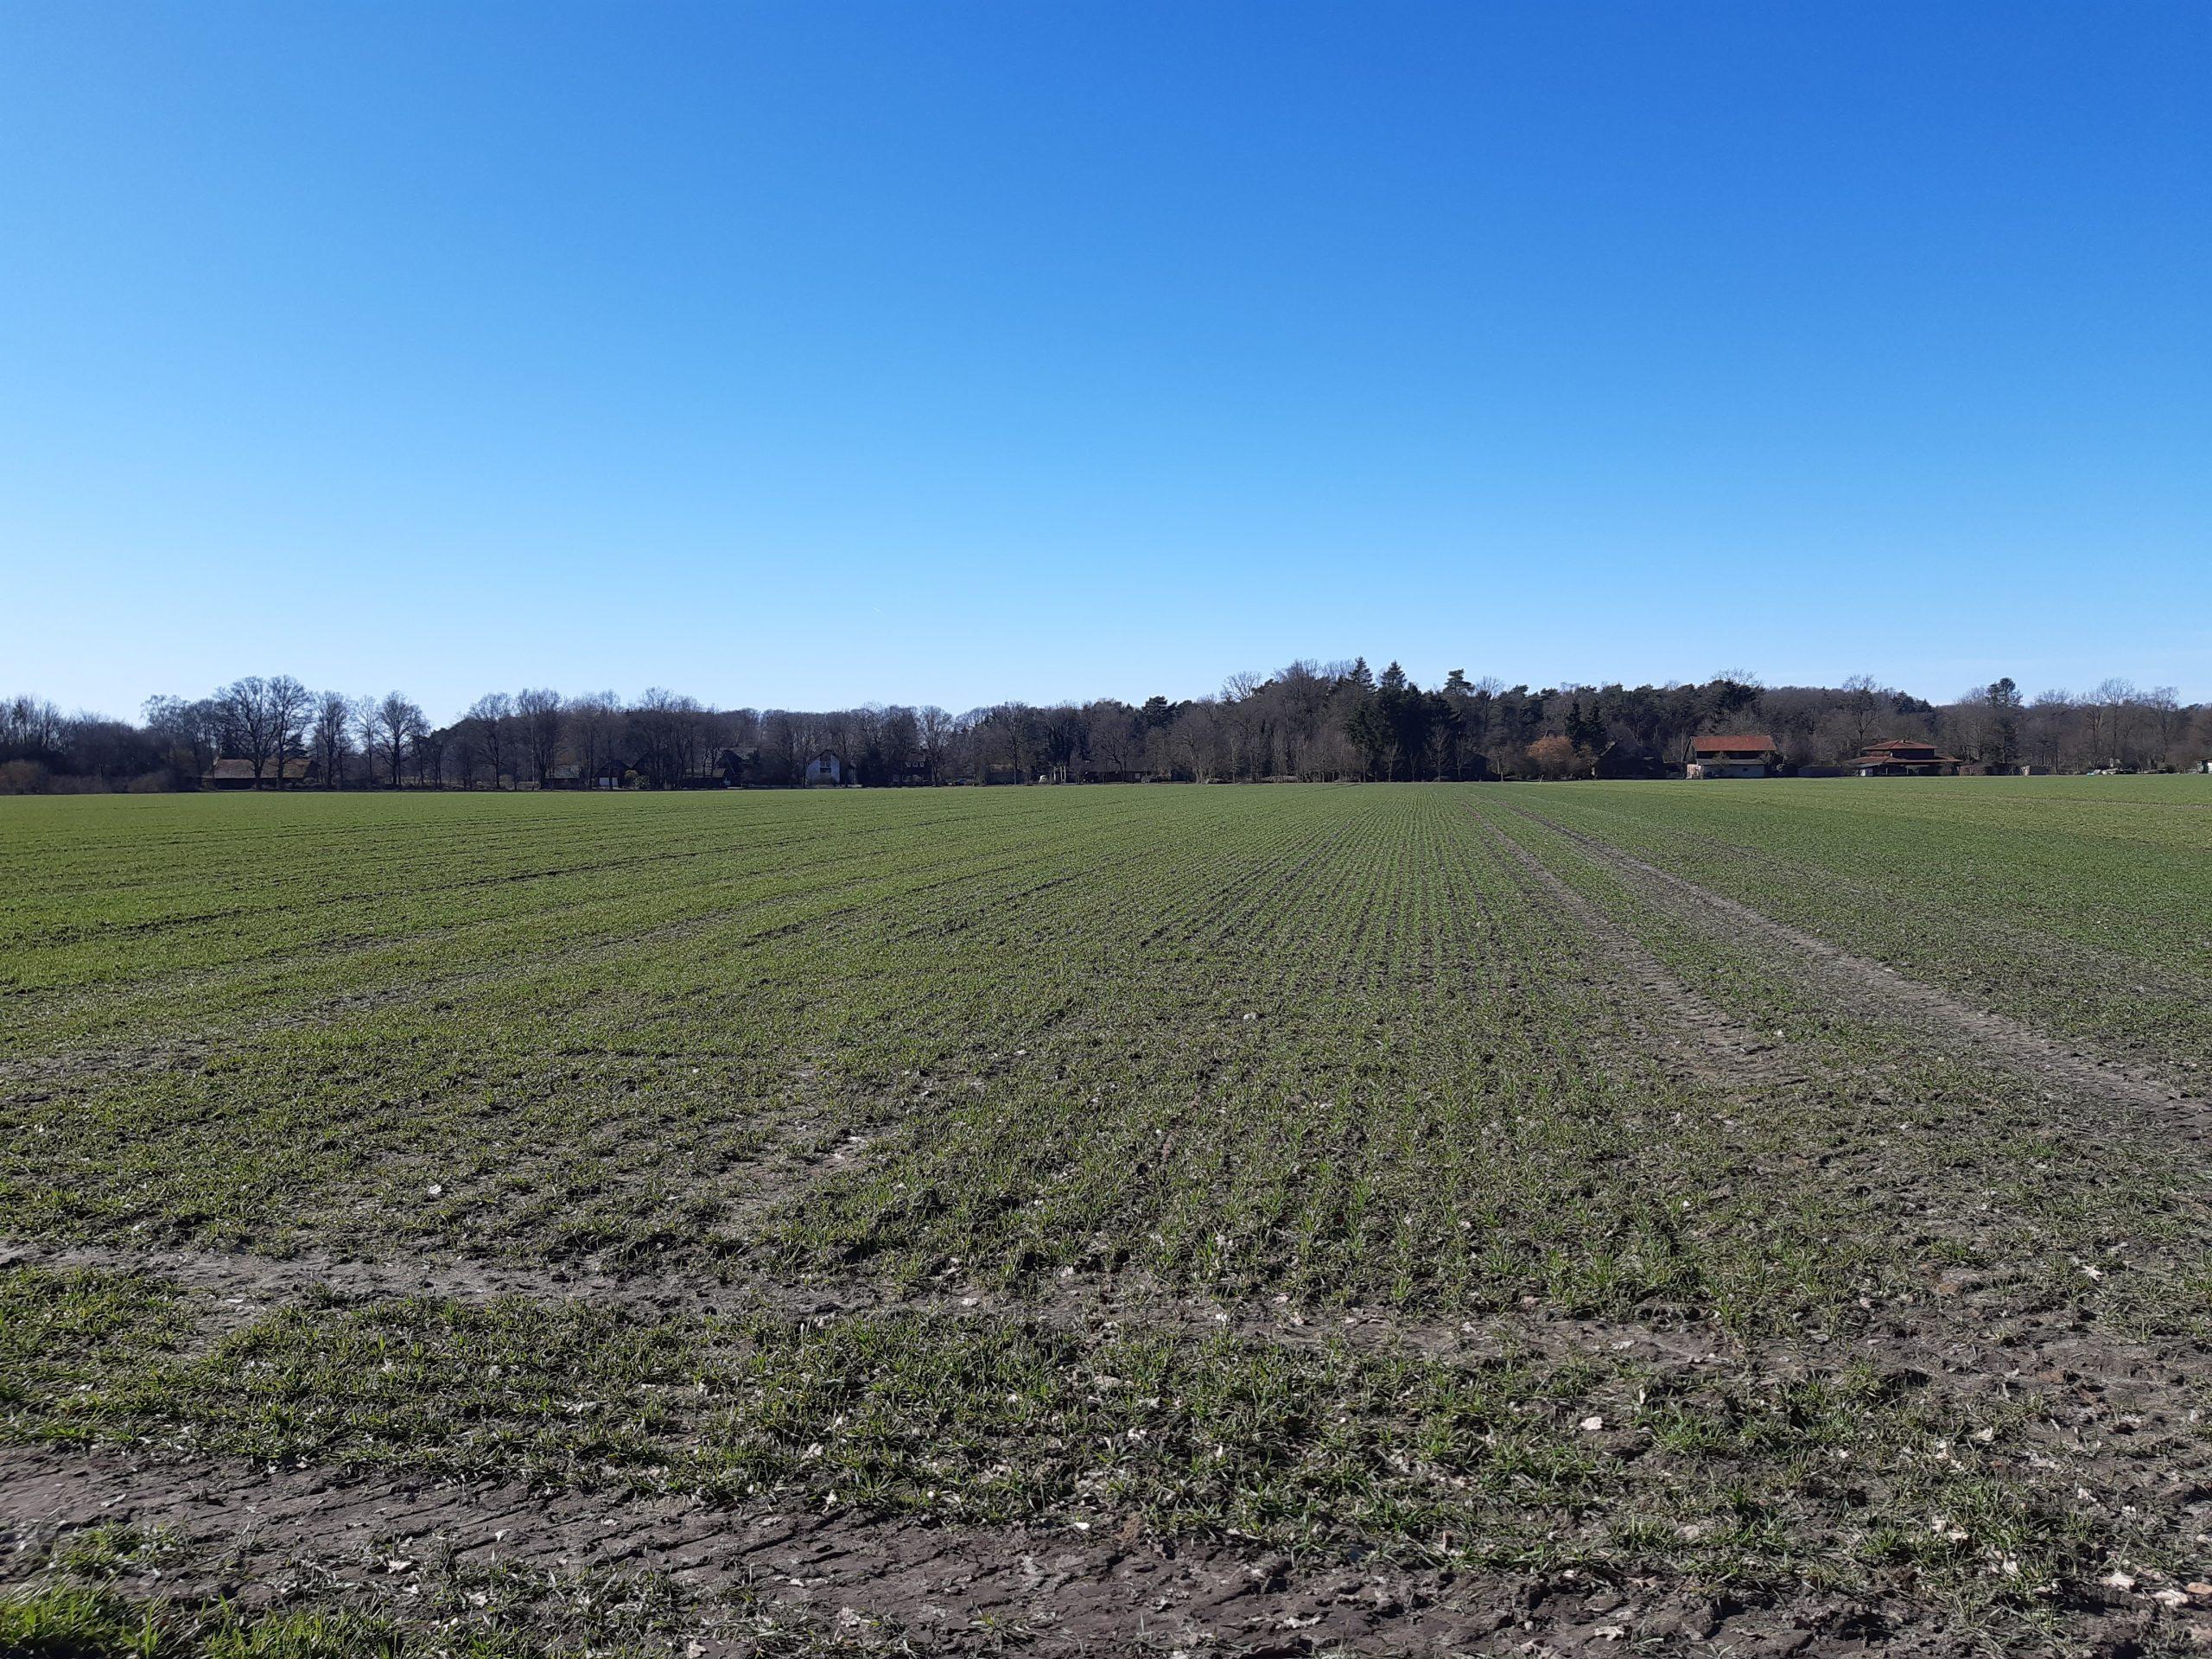 Vergleichsfläche Hesse 05.03.2021, Foto: KÖN